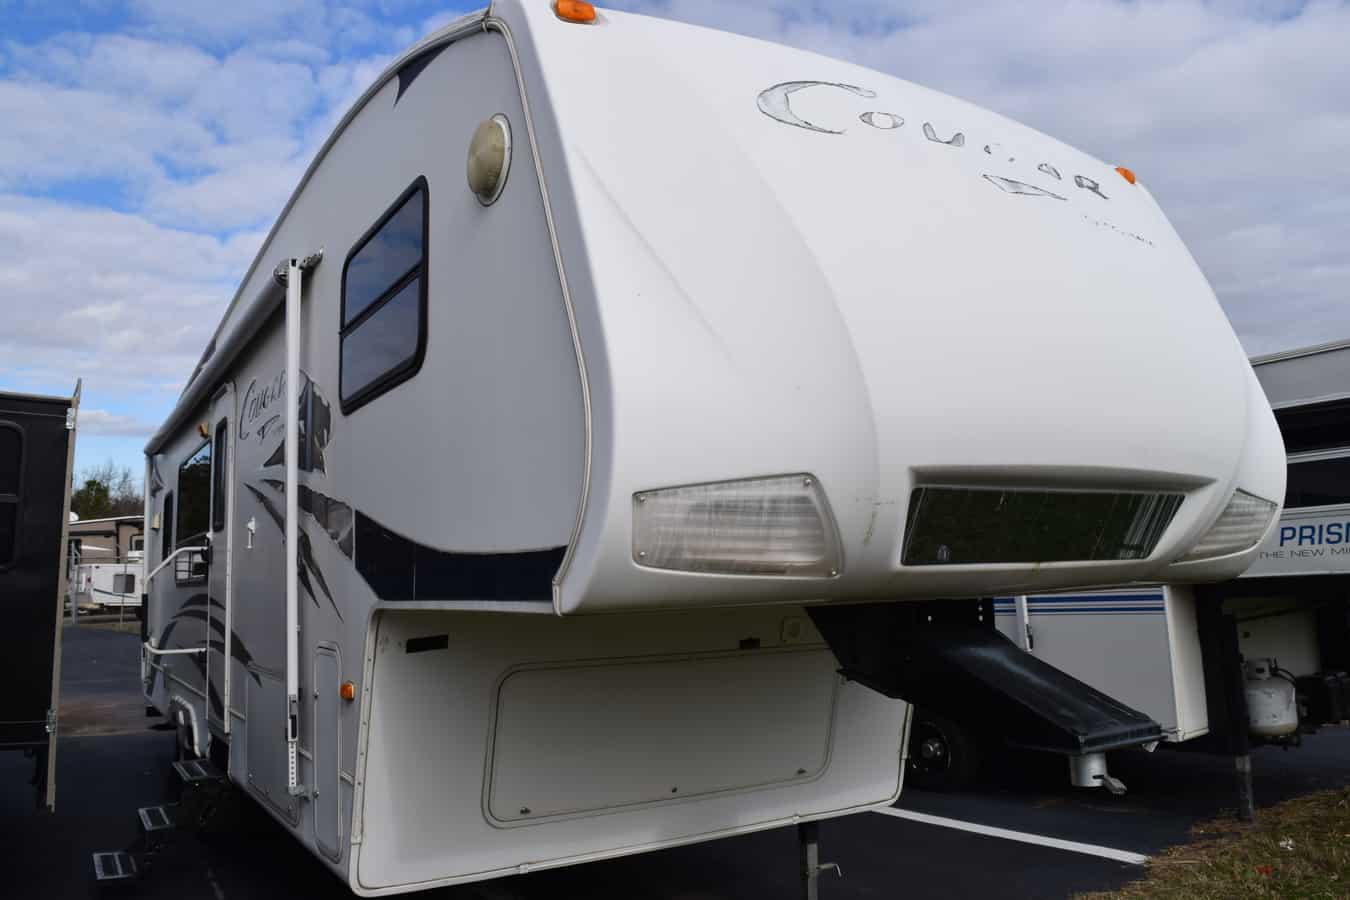 USED 2007 Cougar 290 RKS - Three Way Campers